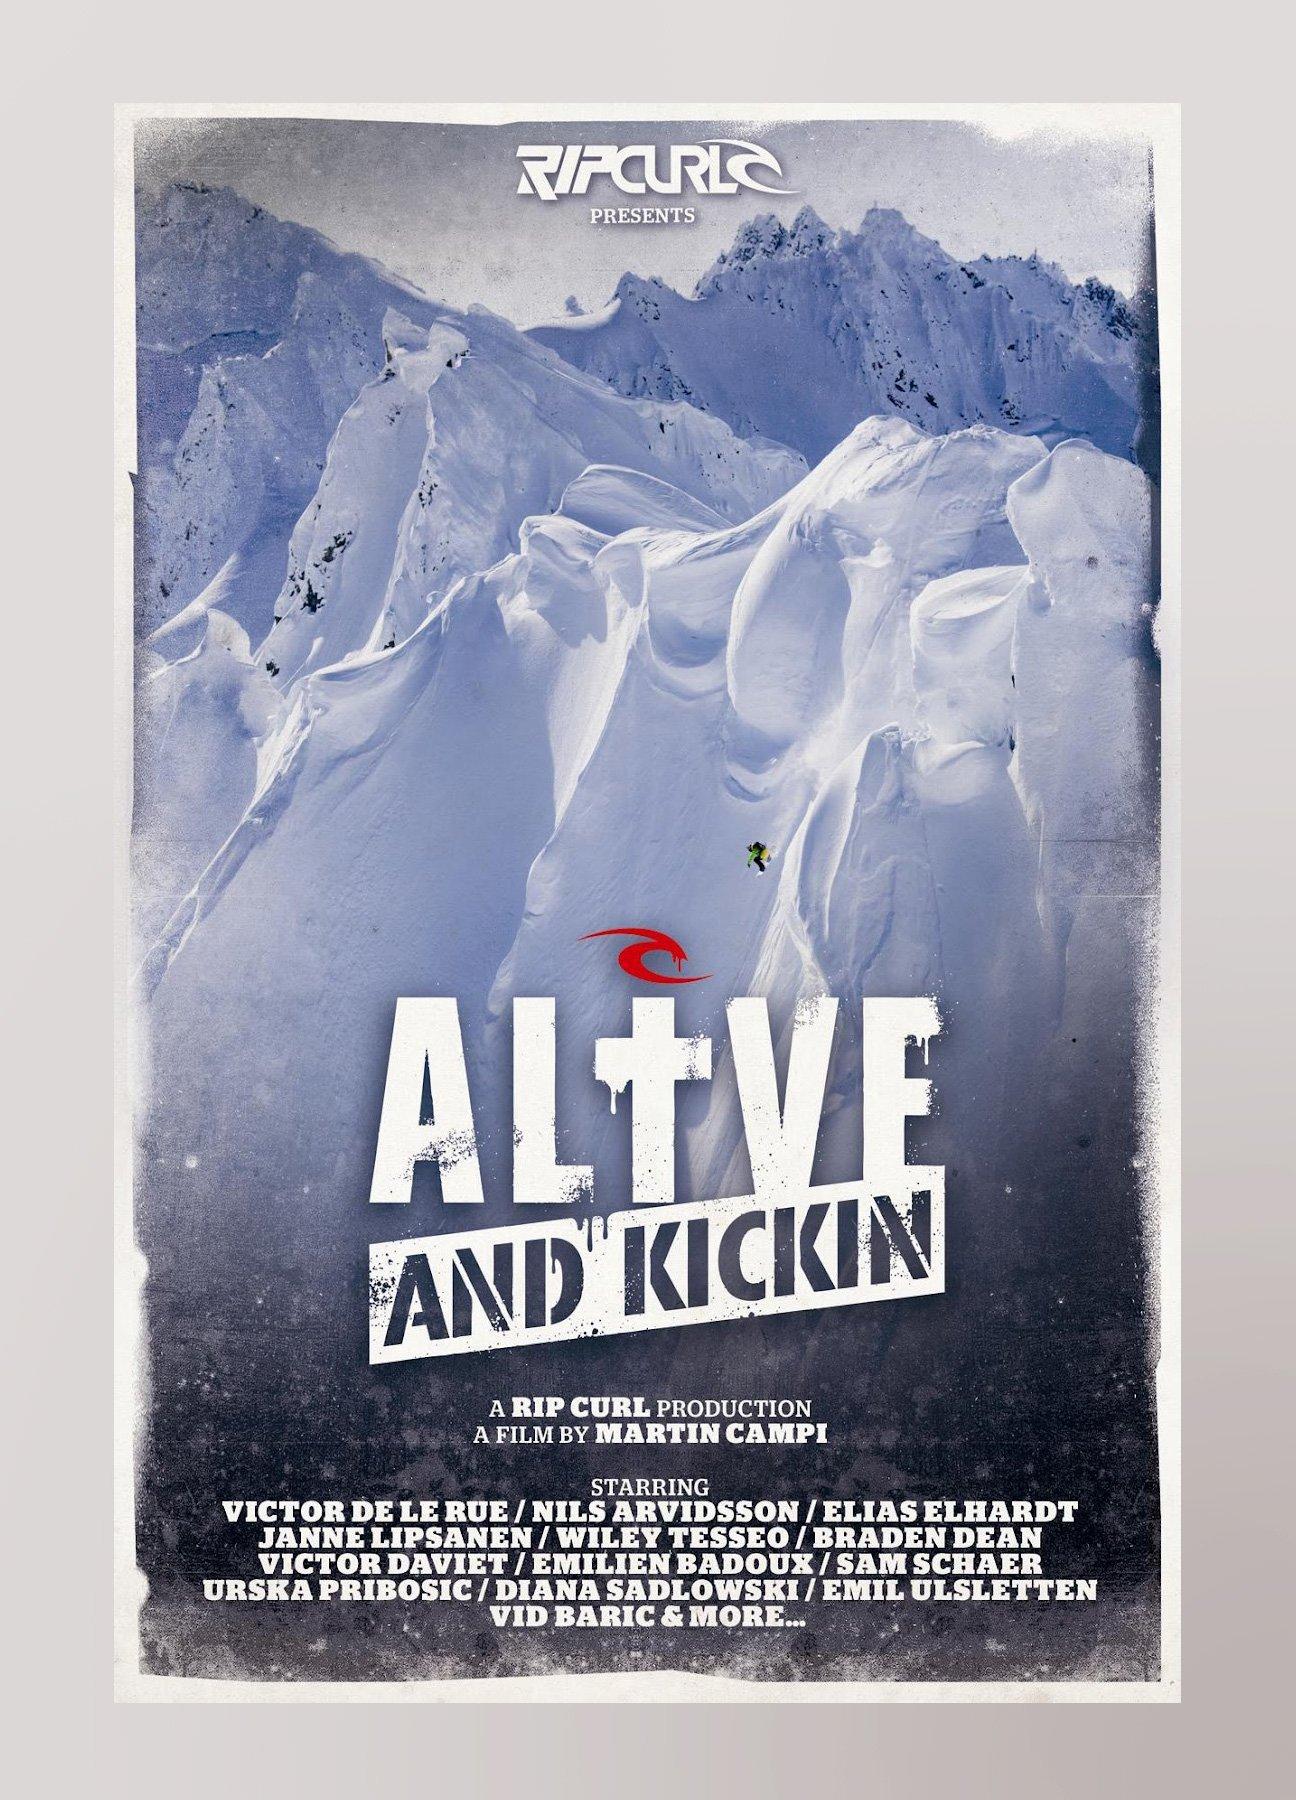 Réalisation d'un logotype extrême, street-art, entièrement réalisé à la bombe, pour la nouvelle video Rip Curl « Alive and Kickin »